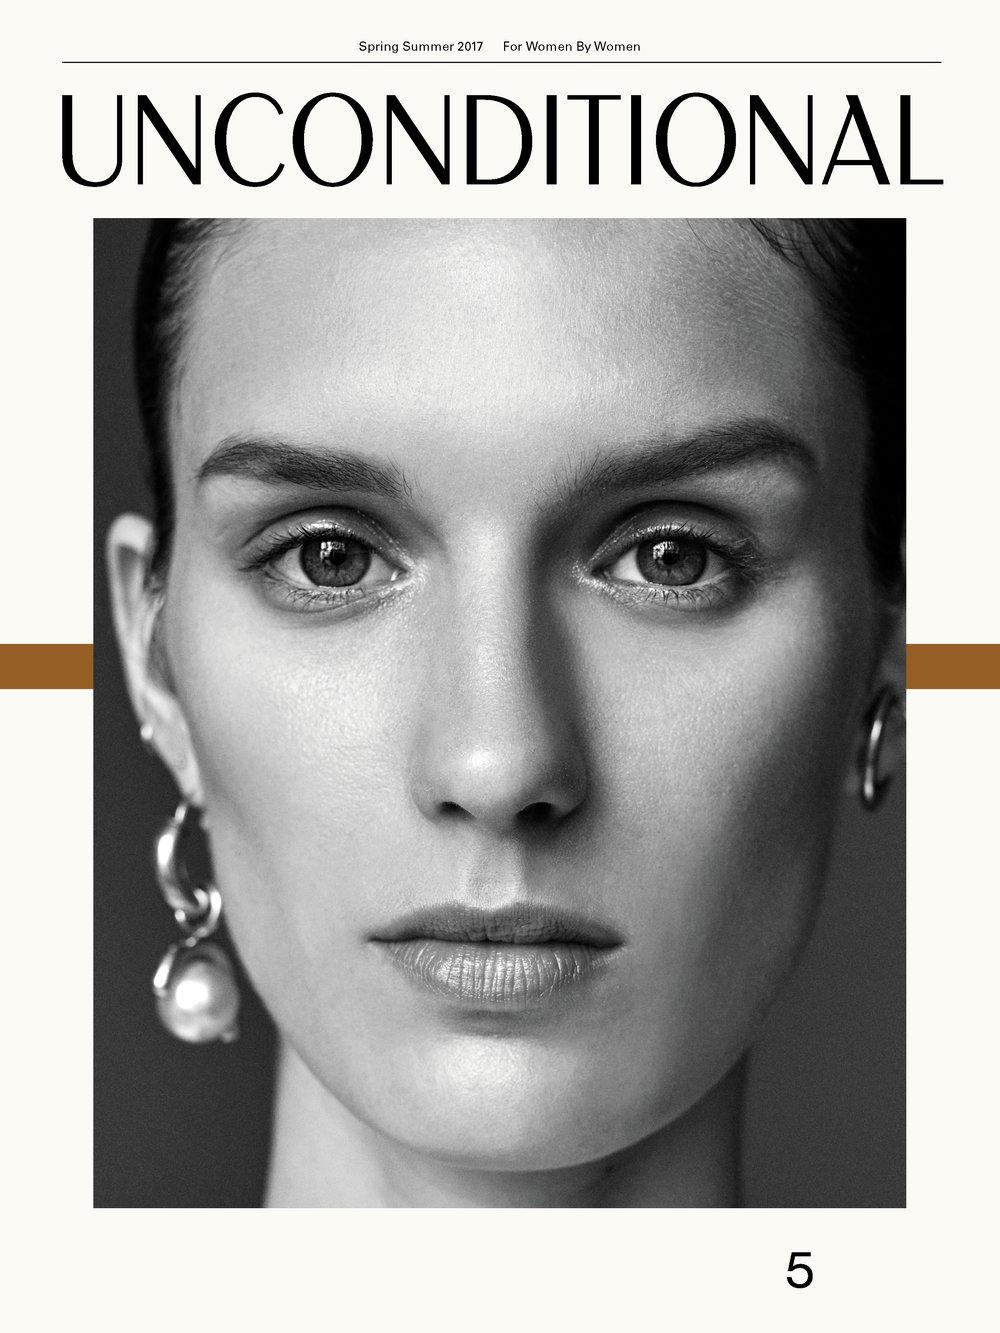 Unconditional magazine    The Grandé Hoop featured on the cover of Unconditional magazine 5. on the muse Marte Mei van Haaster